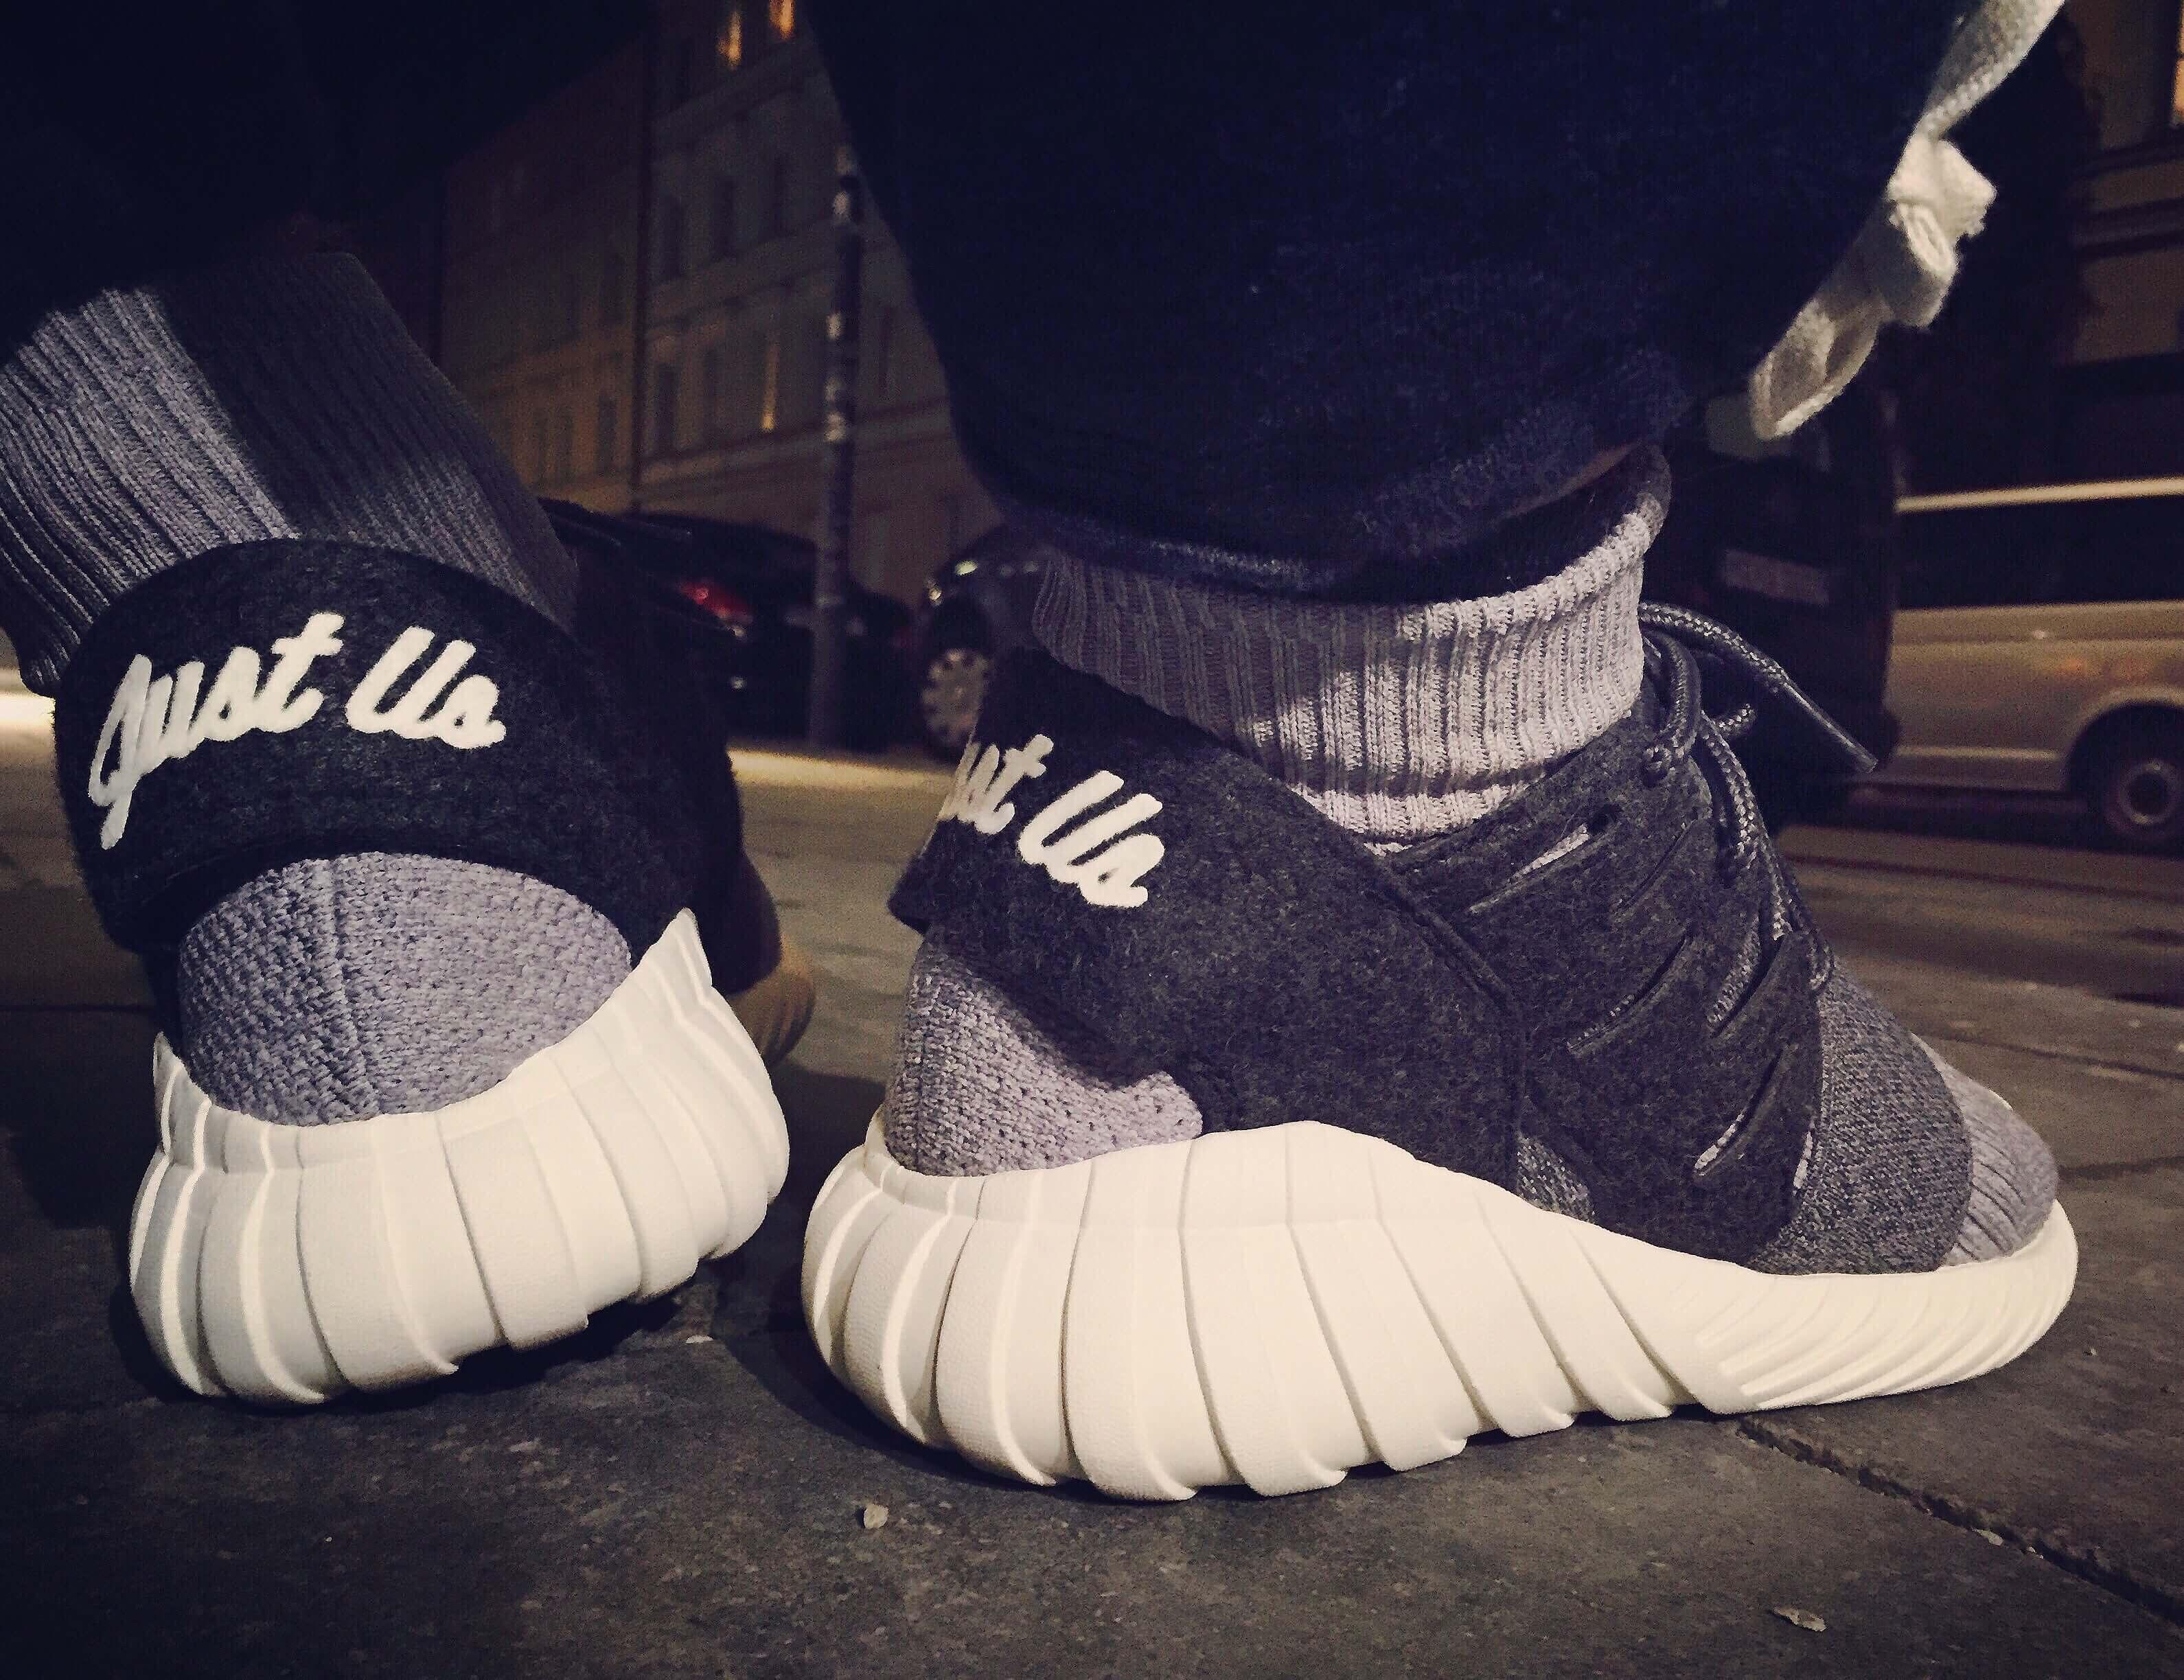 KITH-Adidas-Tubular-Doom-Rear-View-Benstah-Onfeet